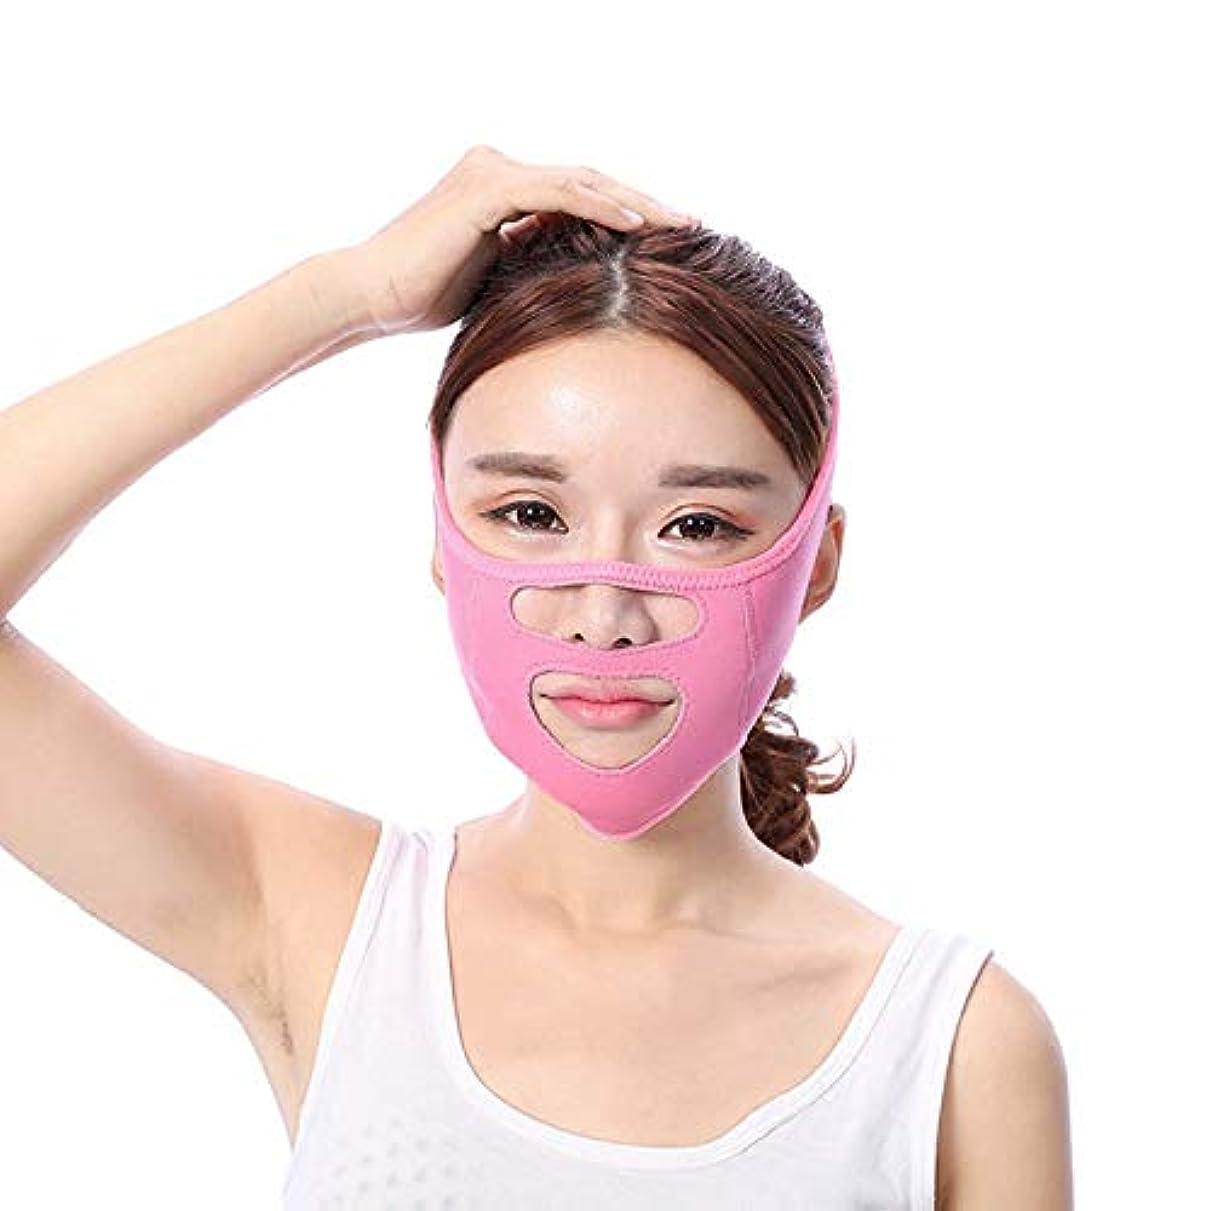 ロースト誇りに思う水銀のBS 顔の持ち上がる痩身ベルト - あなたの顔のための素晴らしいトレーニング二重あごのワークアウトフェイスマスクベルト薄い顔包帯整形マスクは顔と首を締めますフェイススリム フェイスリフティングアーティファクト